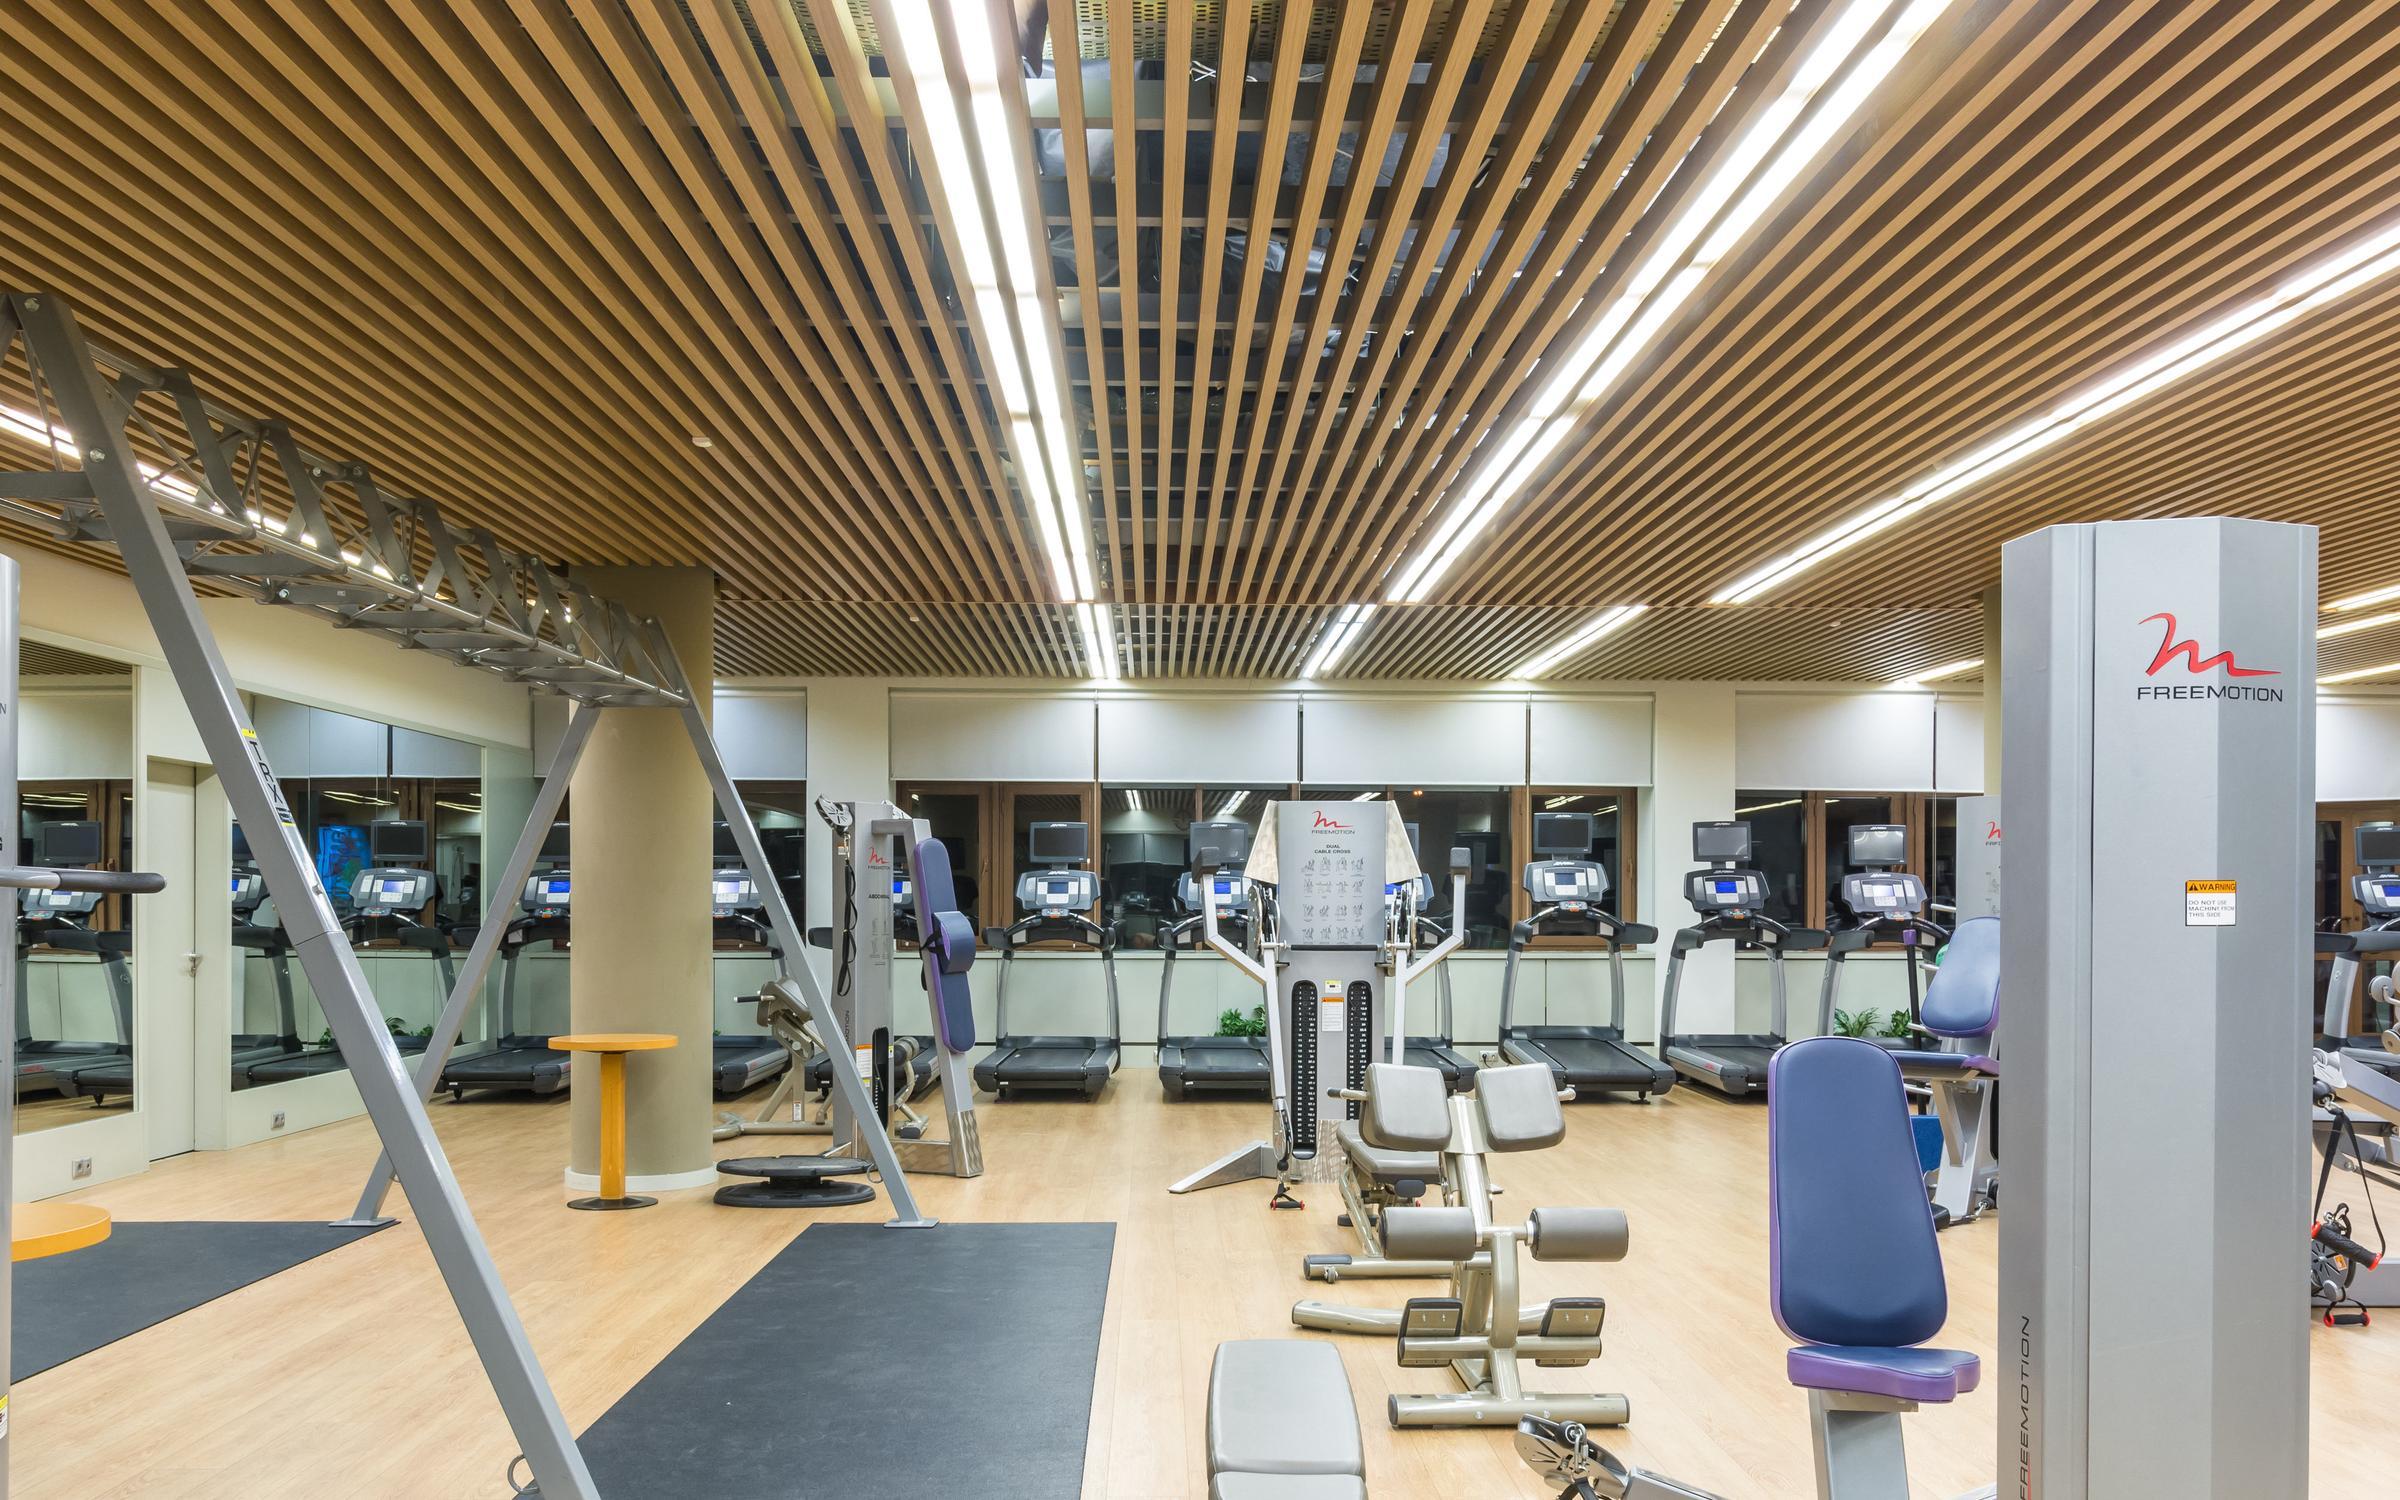 Фитнес и аэробика, спортивные игры, восточные практики, единоборства, плавание, художественная гимнастика, танцы, массаж.